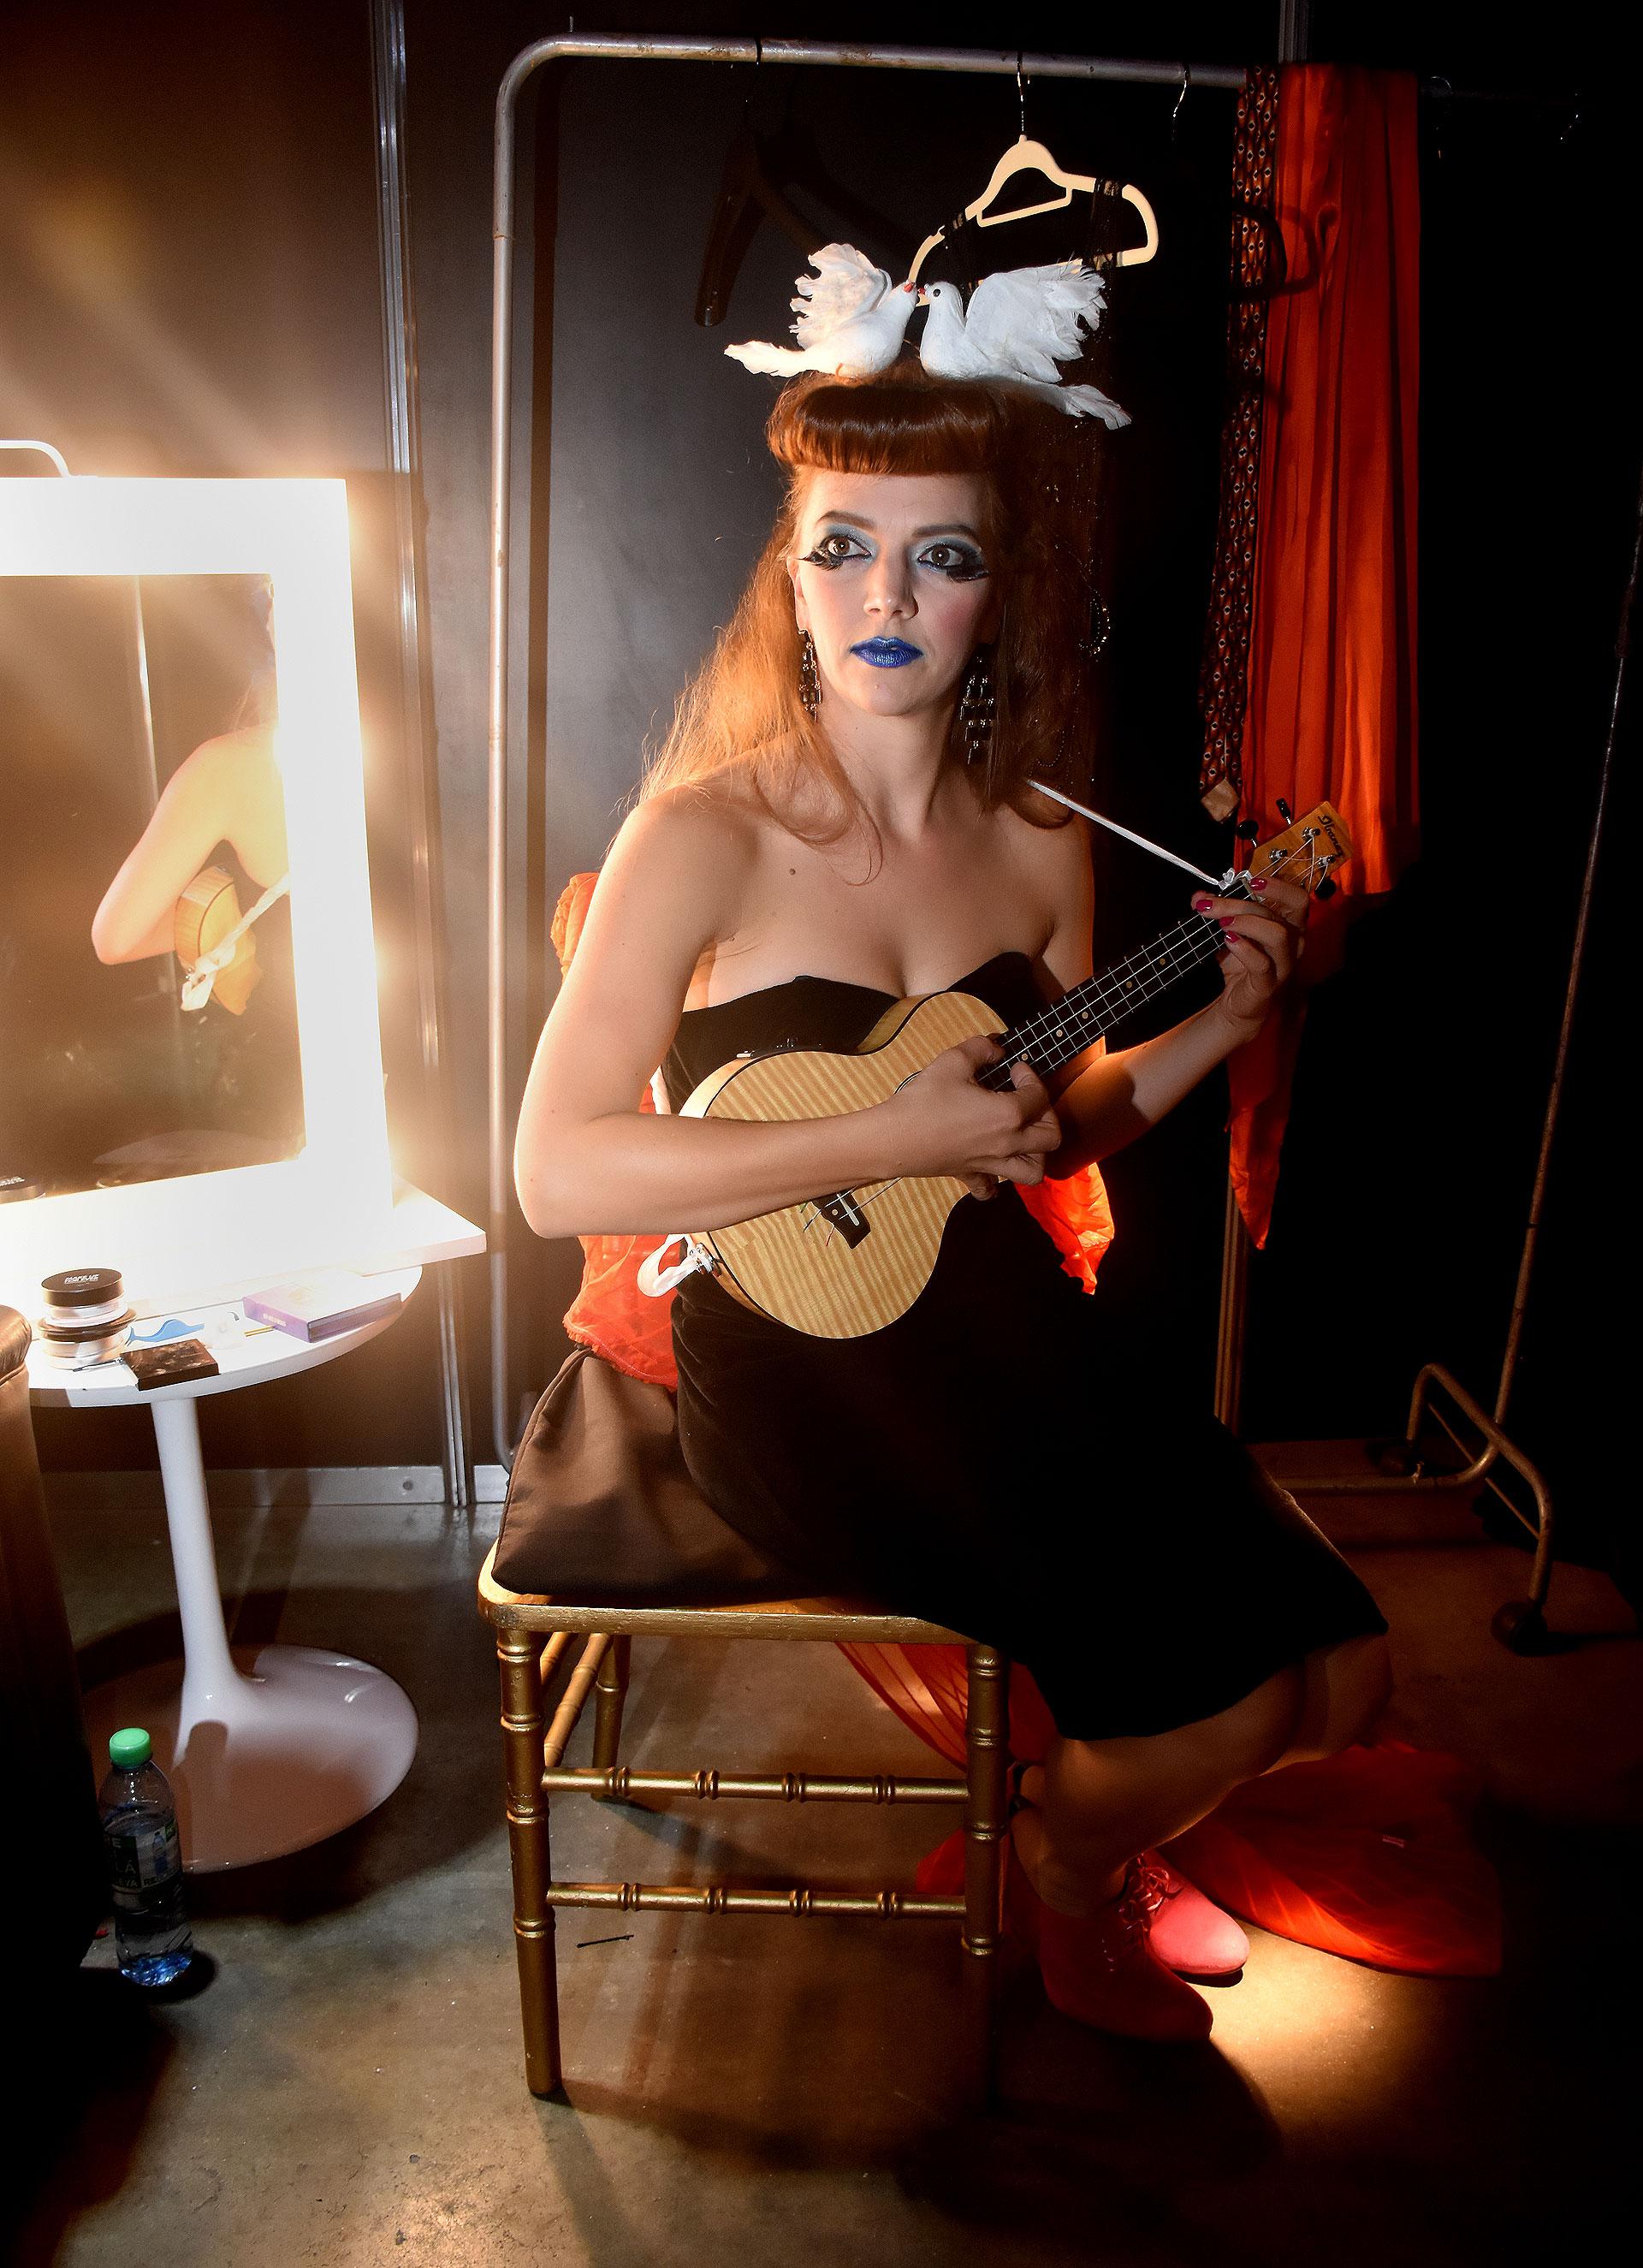 Jenny Moule recibió a Infobae en su camarín antes del opening de Rod Stewart y contó que Damsel Talk presentará su primer EP, Fe Fi Fo Fum, armado con el guitarrista argentino Damien Poots. El mismo combina los géneros de folk, jazz, dream pop, narración teatral e influencias de indie y soul